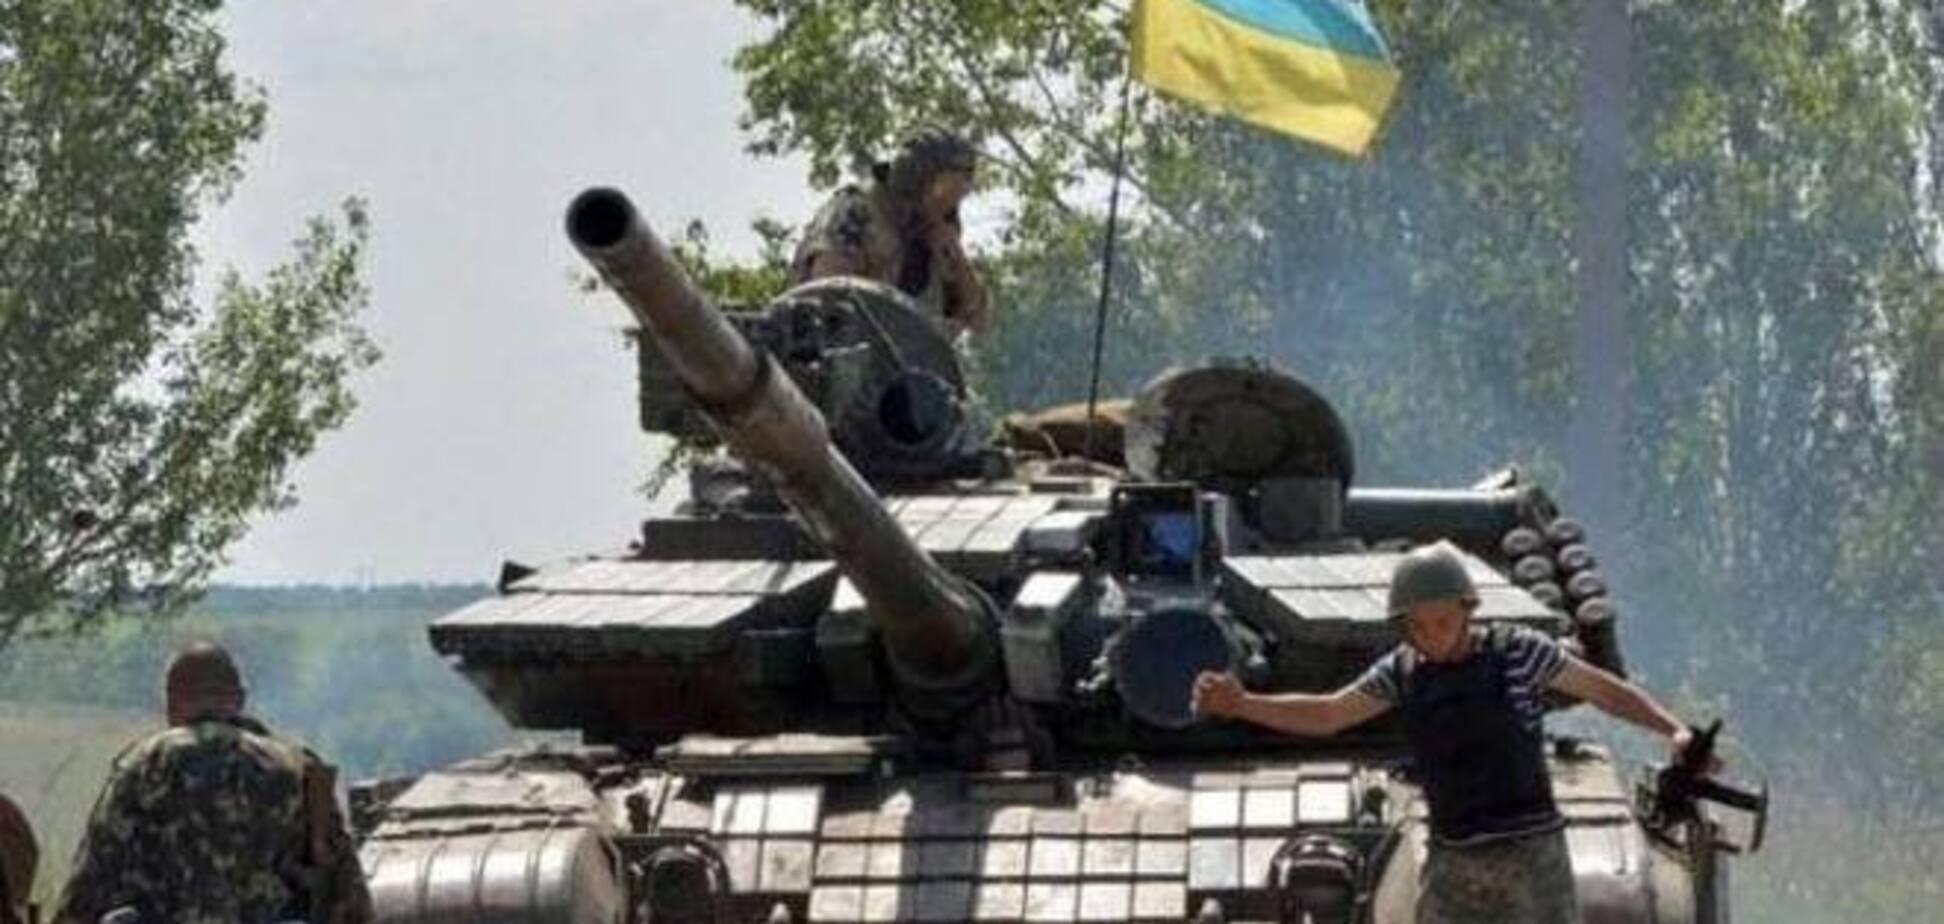 Украинские военные взяли под контроль Ясиноватую